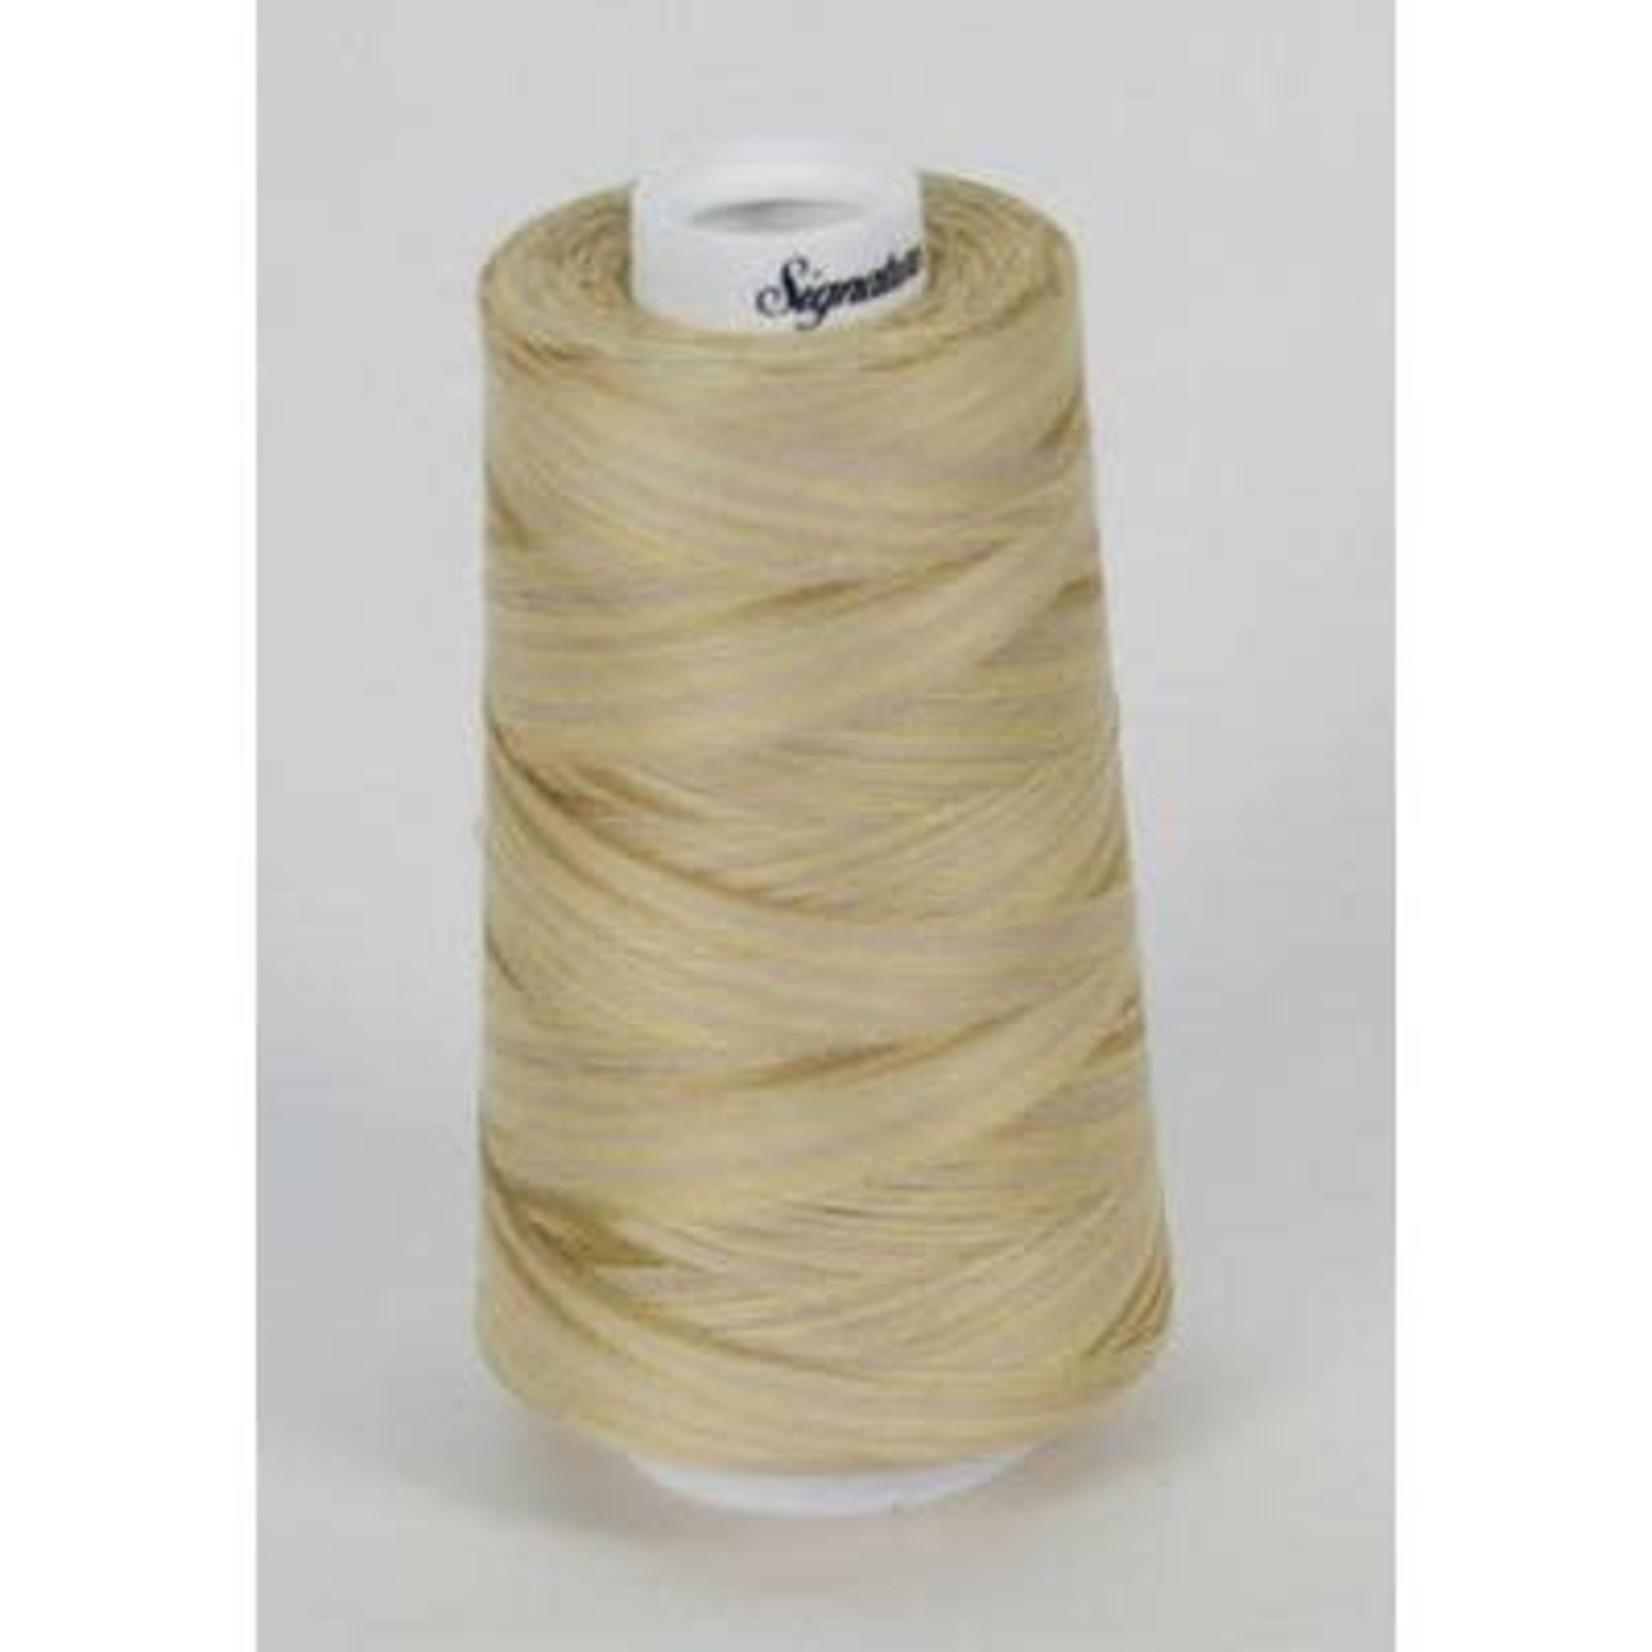 A & E Neutral Tints, Signature Cotton